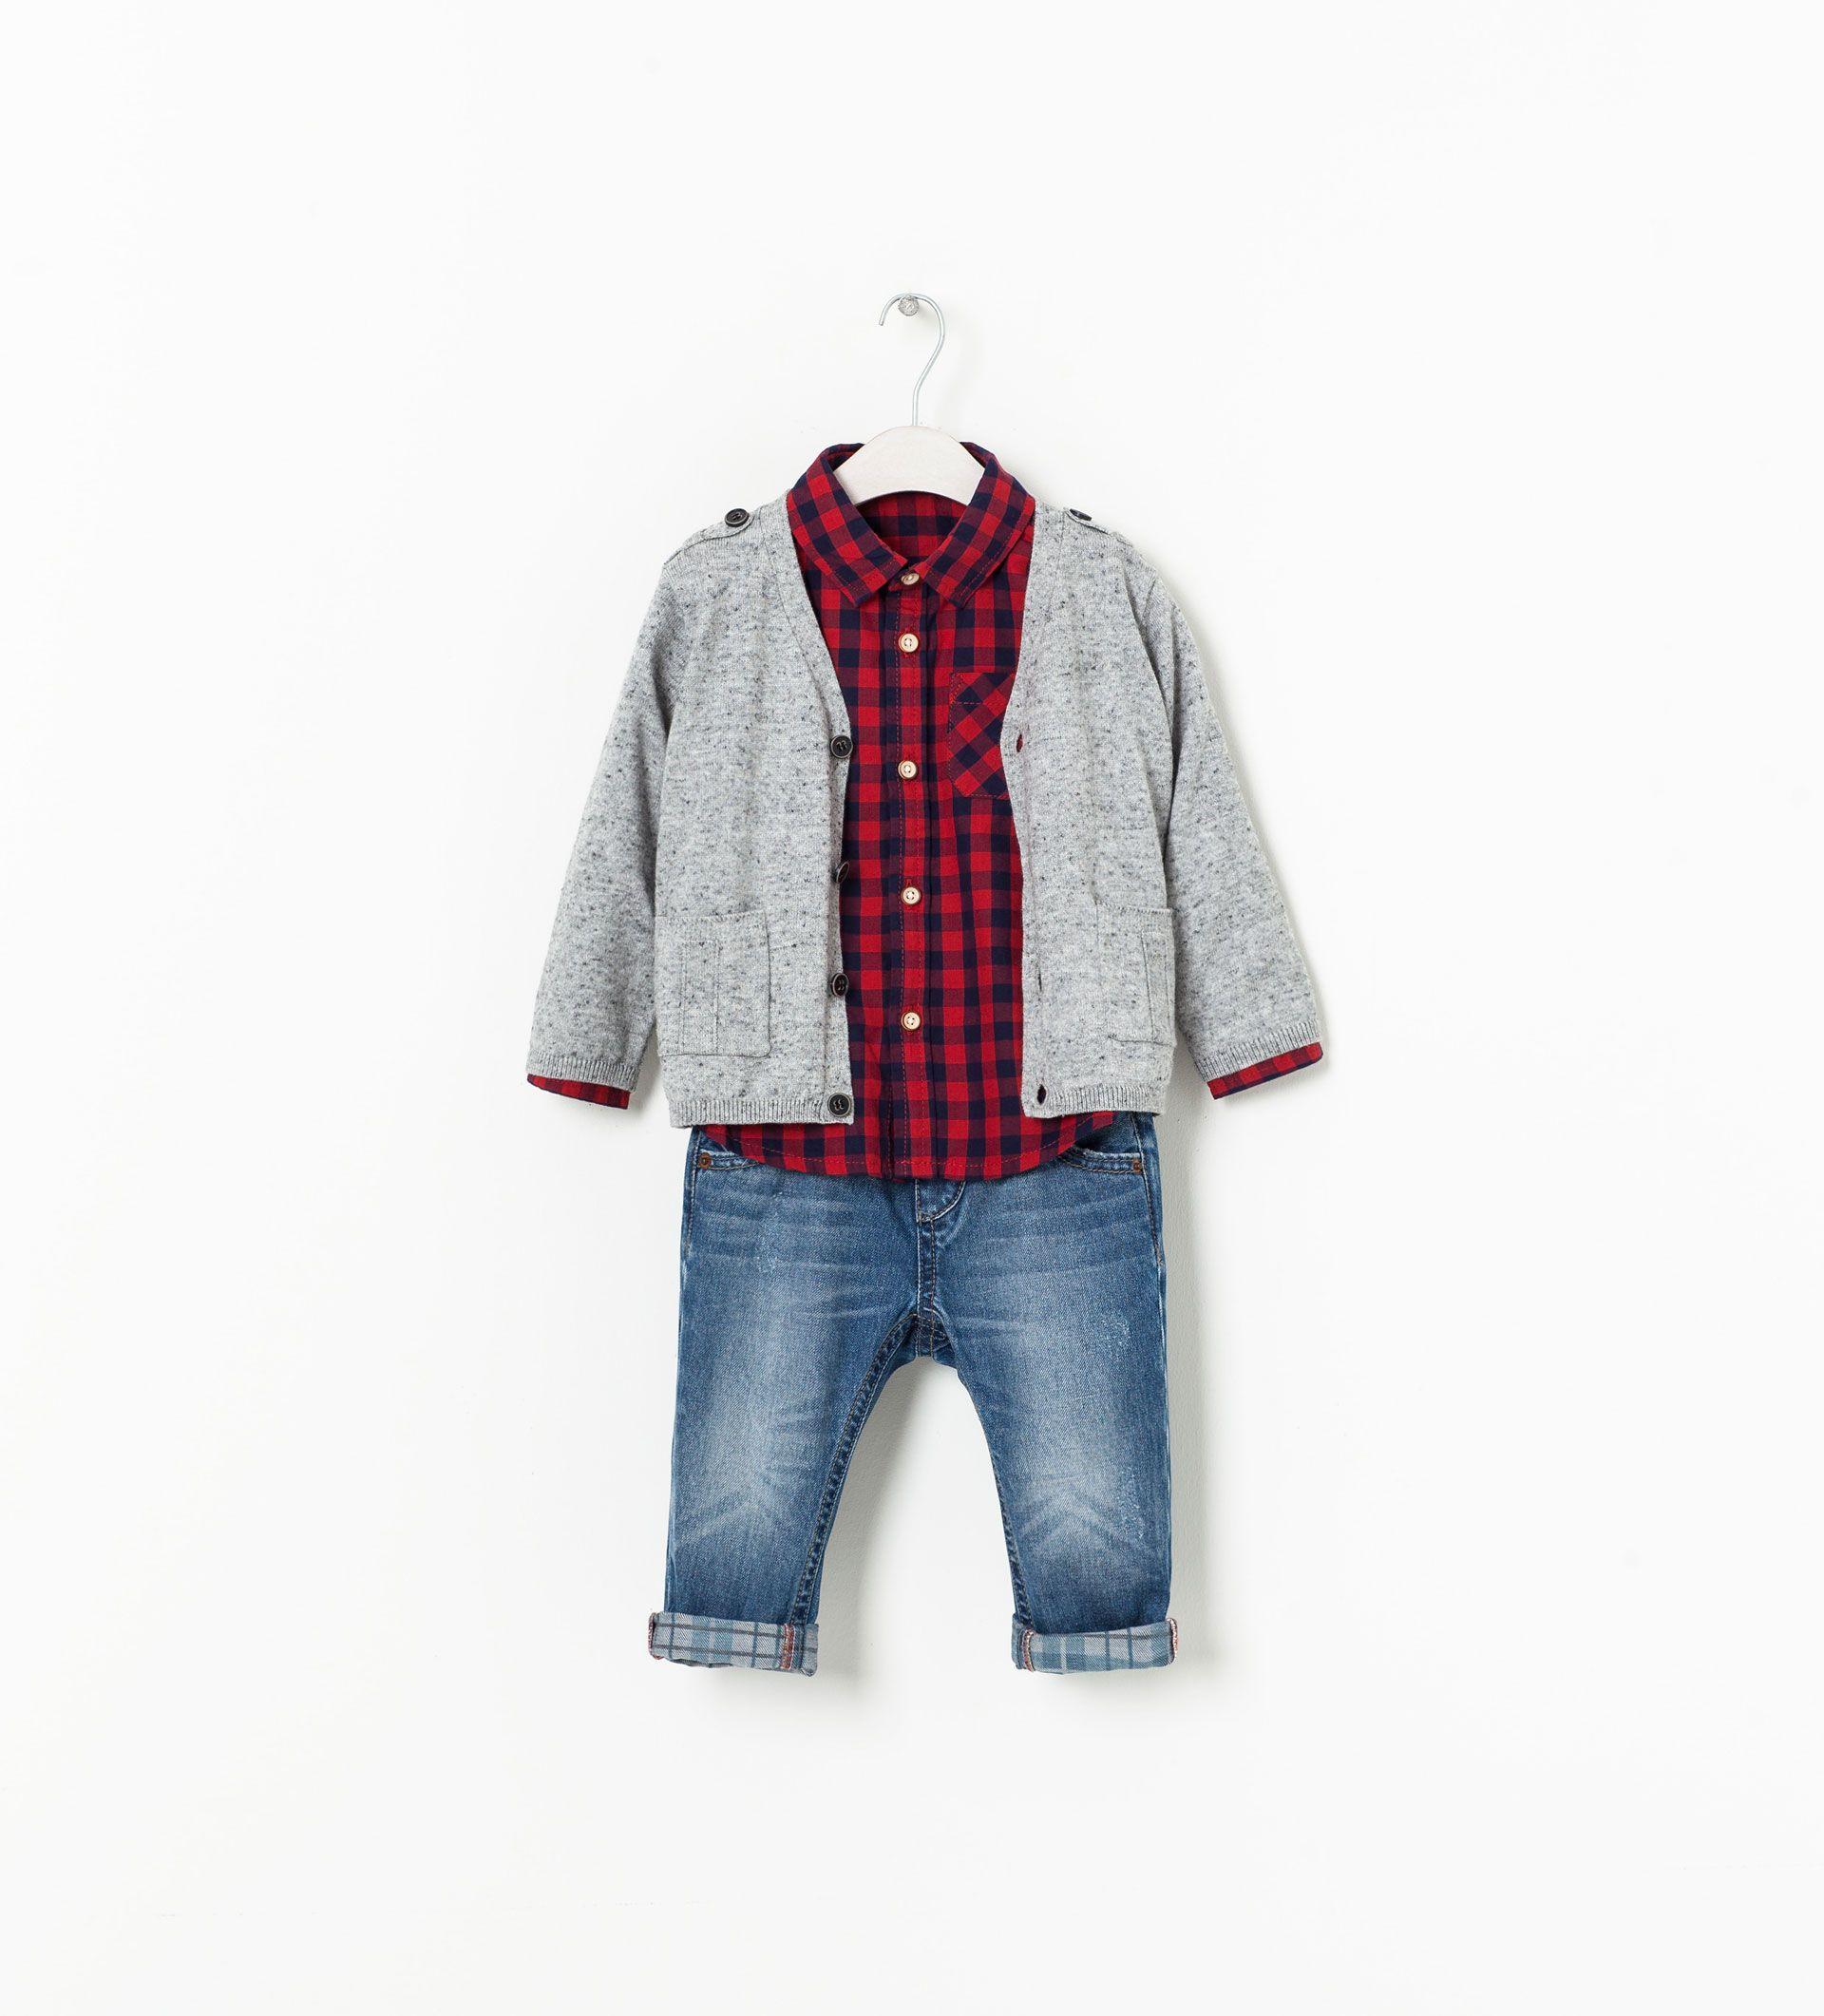 9d3657d69 LOOK10 - Looks - Bebé niño (3 - 36 meses) - Niños